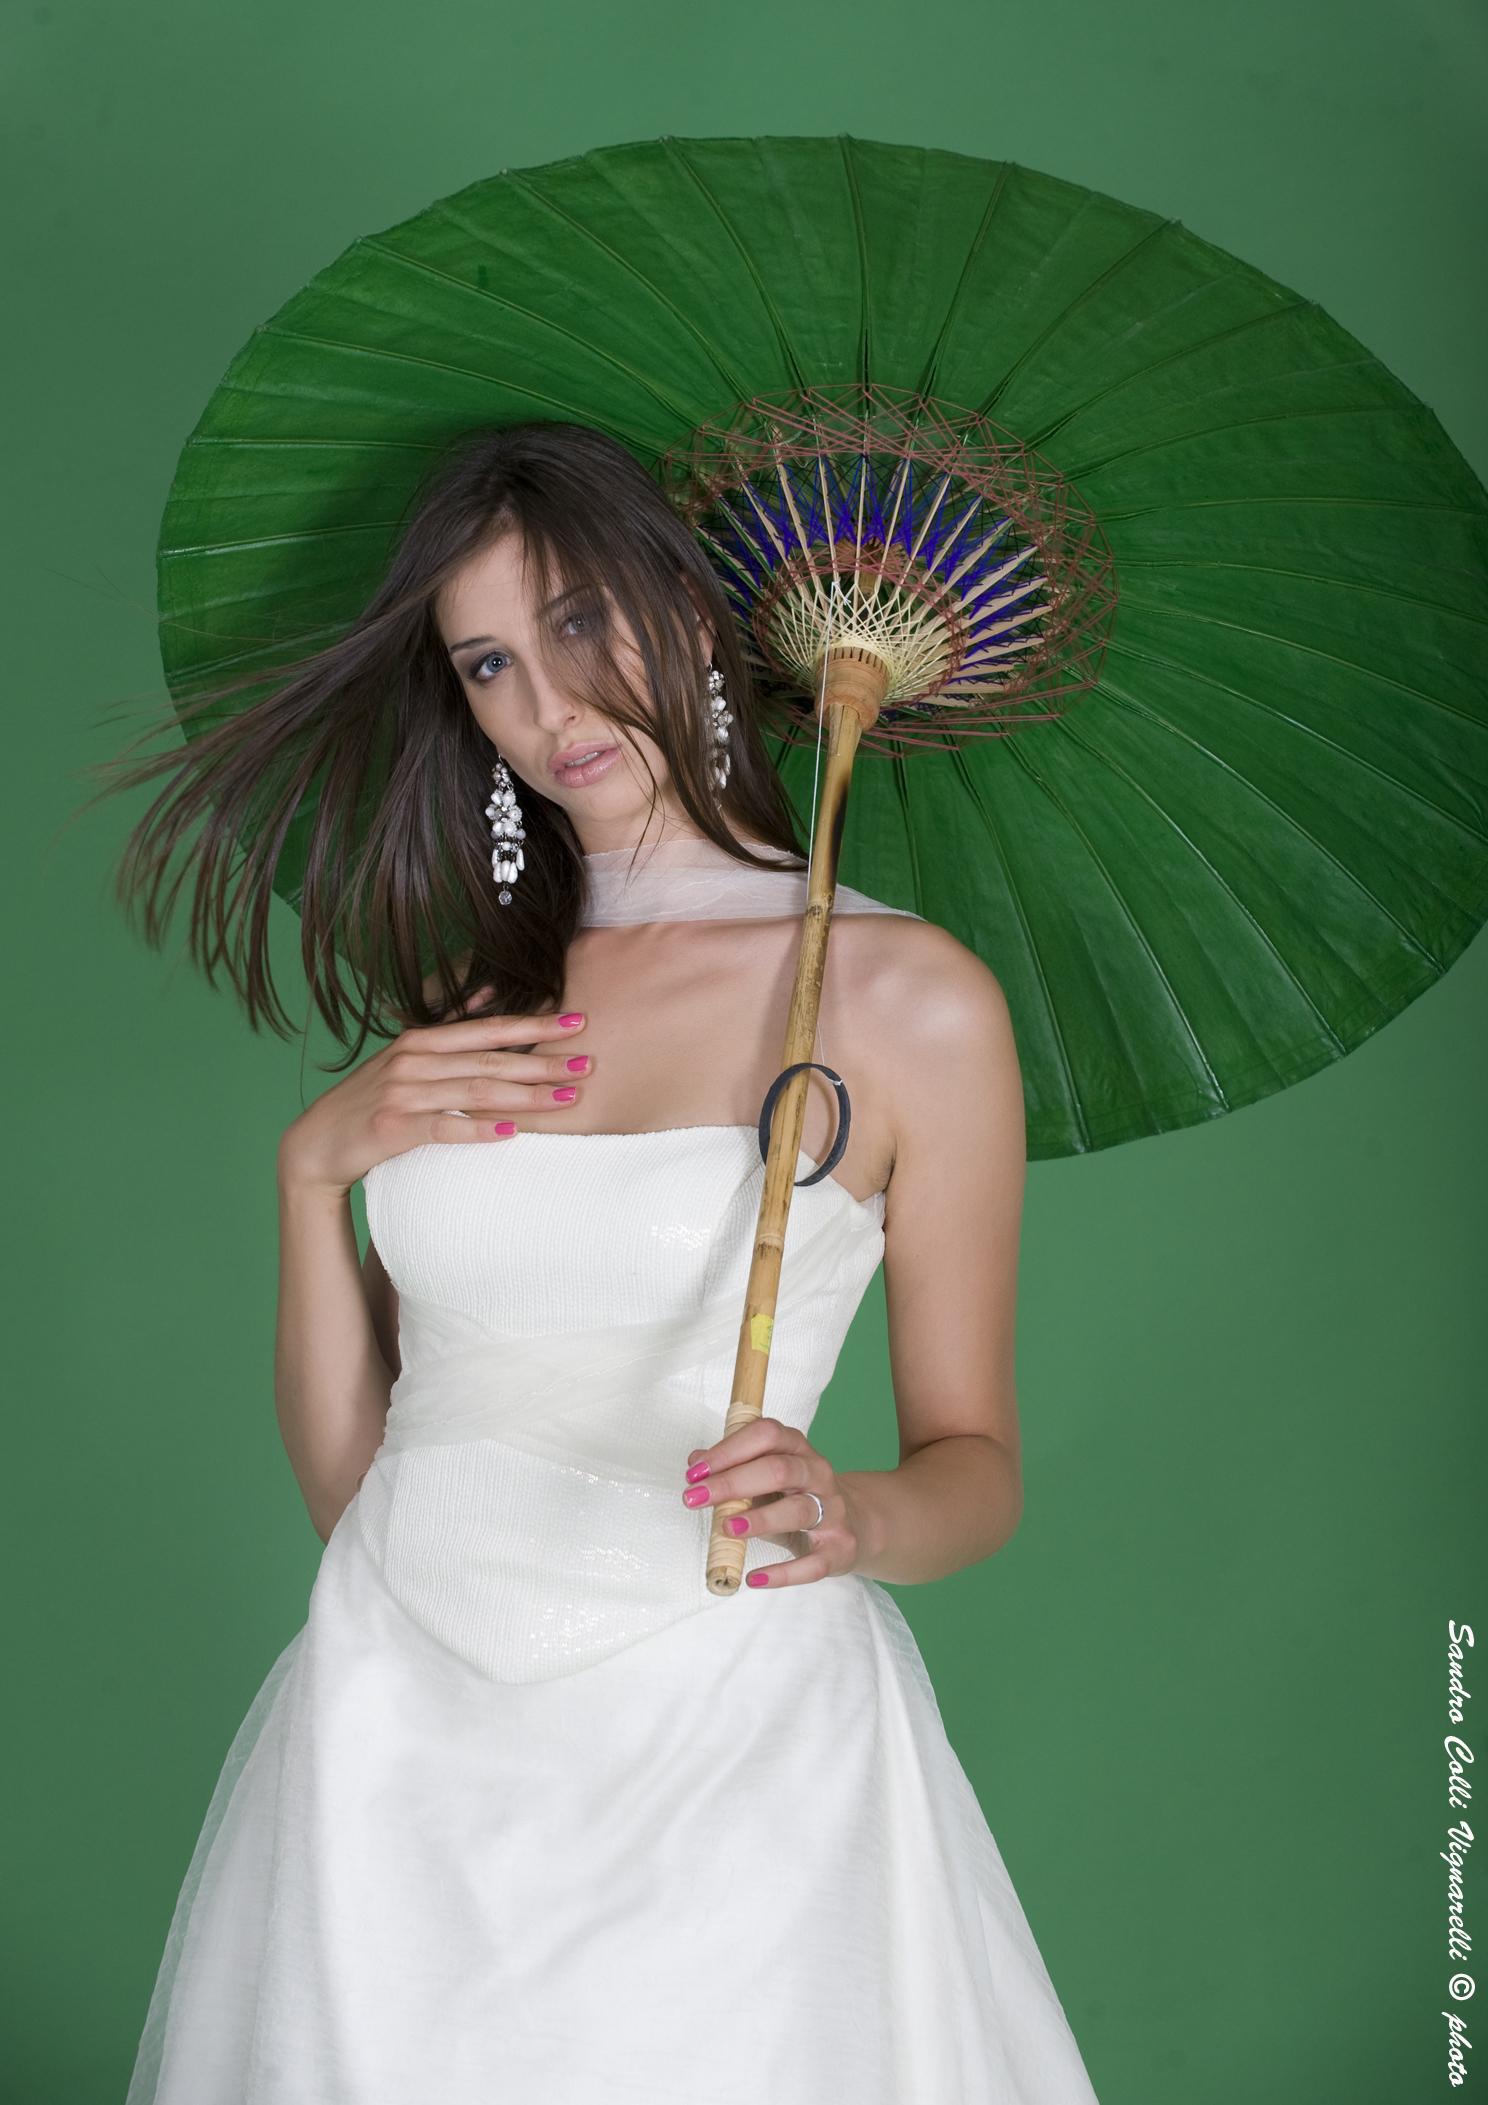 Particolare dello scollo dell'abito in stile anni '50 da sposa